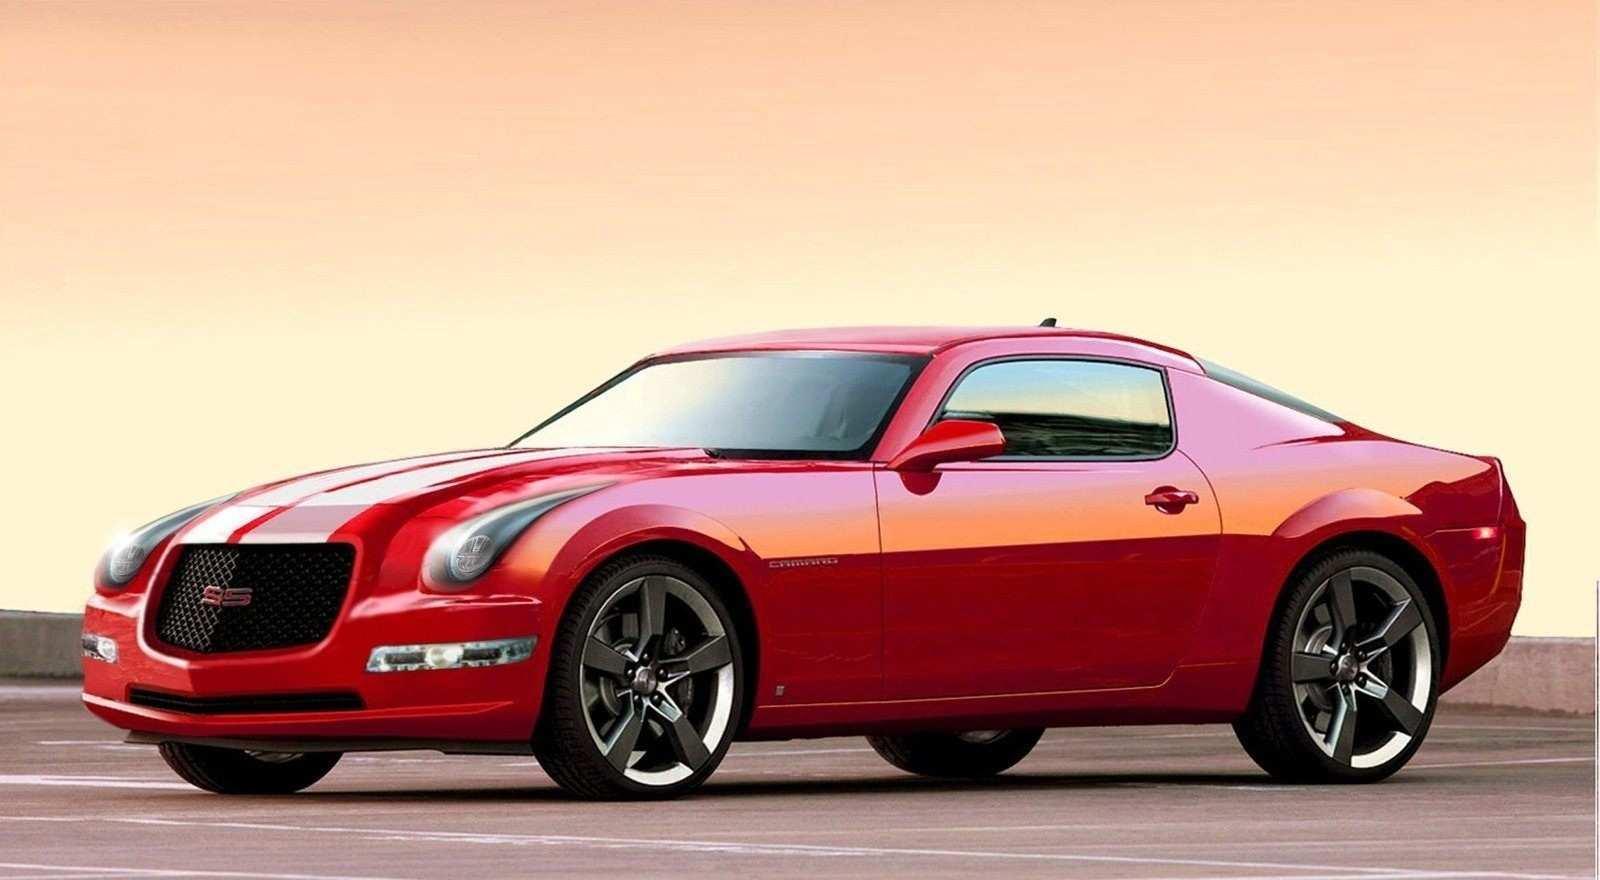 39 All New 2020 Chevrolet El Camino Price with 2020 Chevrolet El Camino